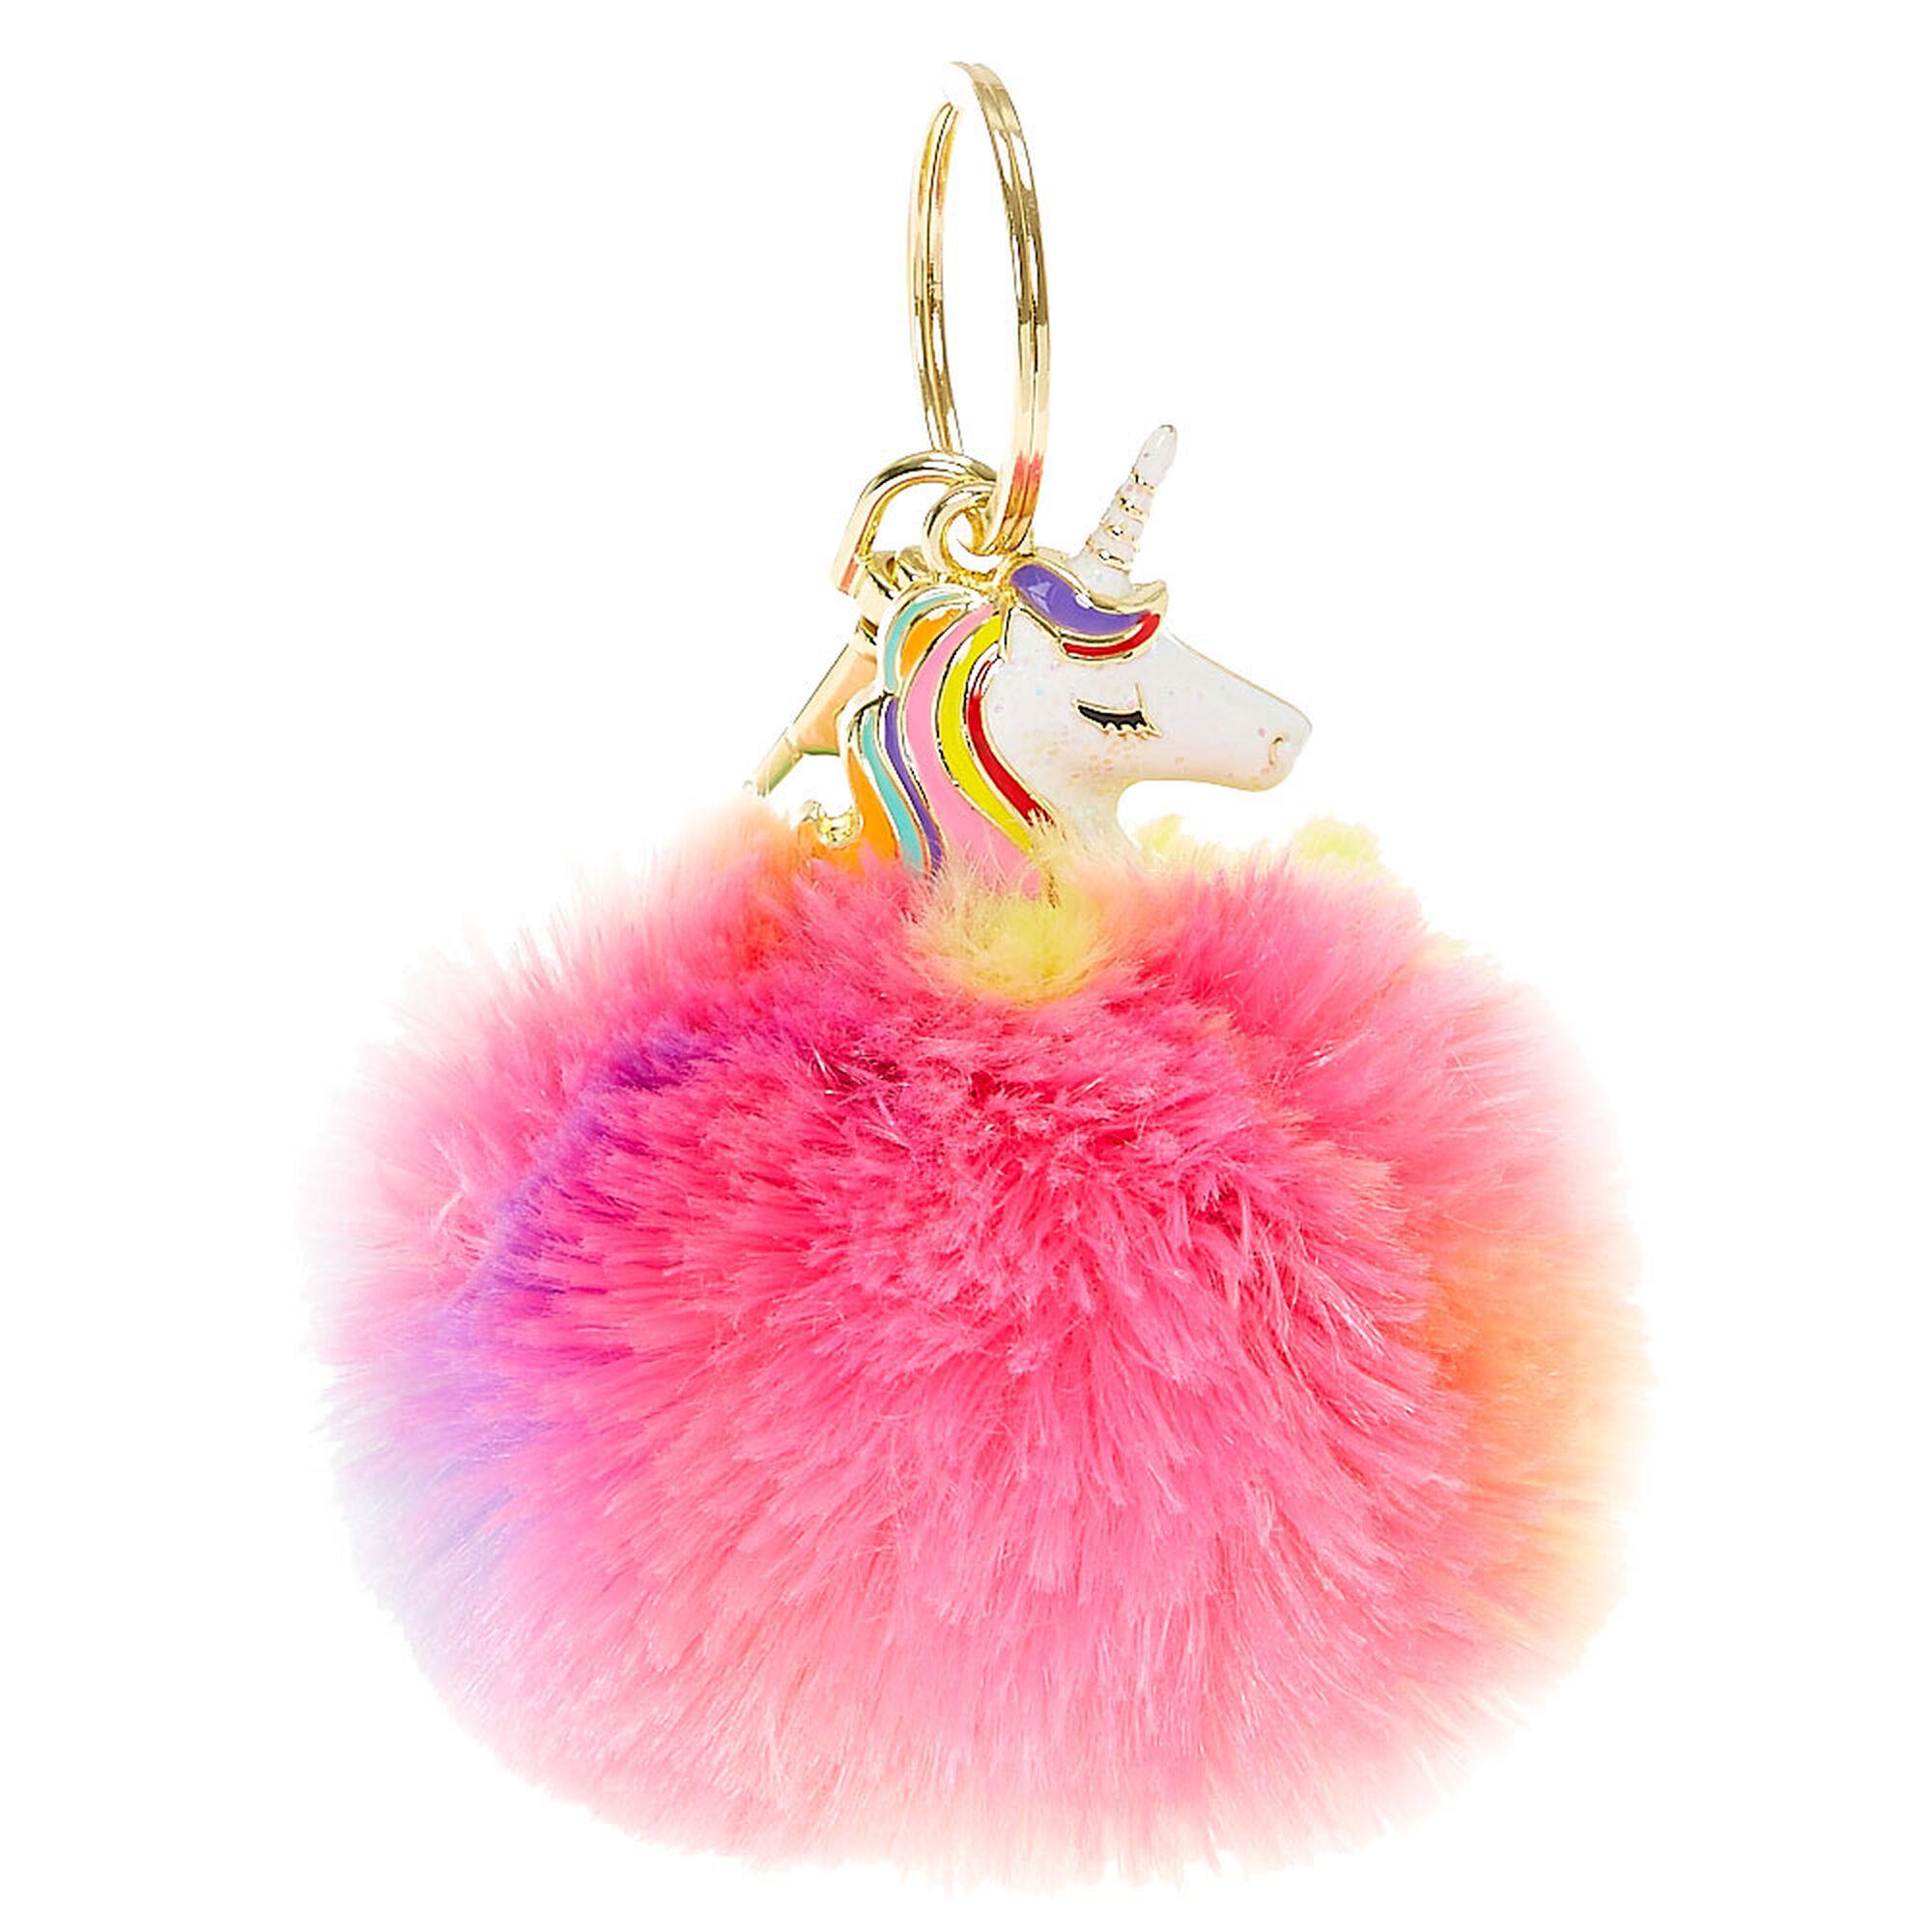 Rainbow Unicorn Pom Key Chain Claire S Us